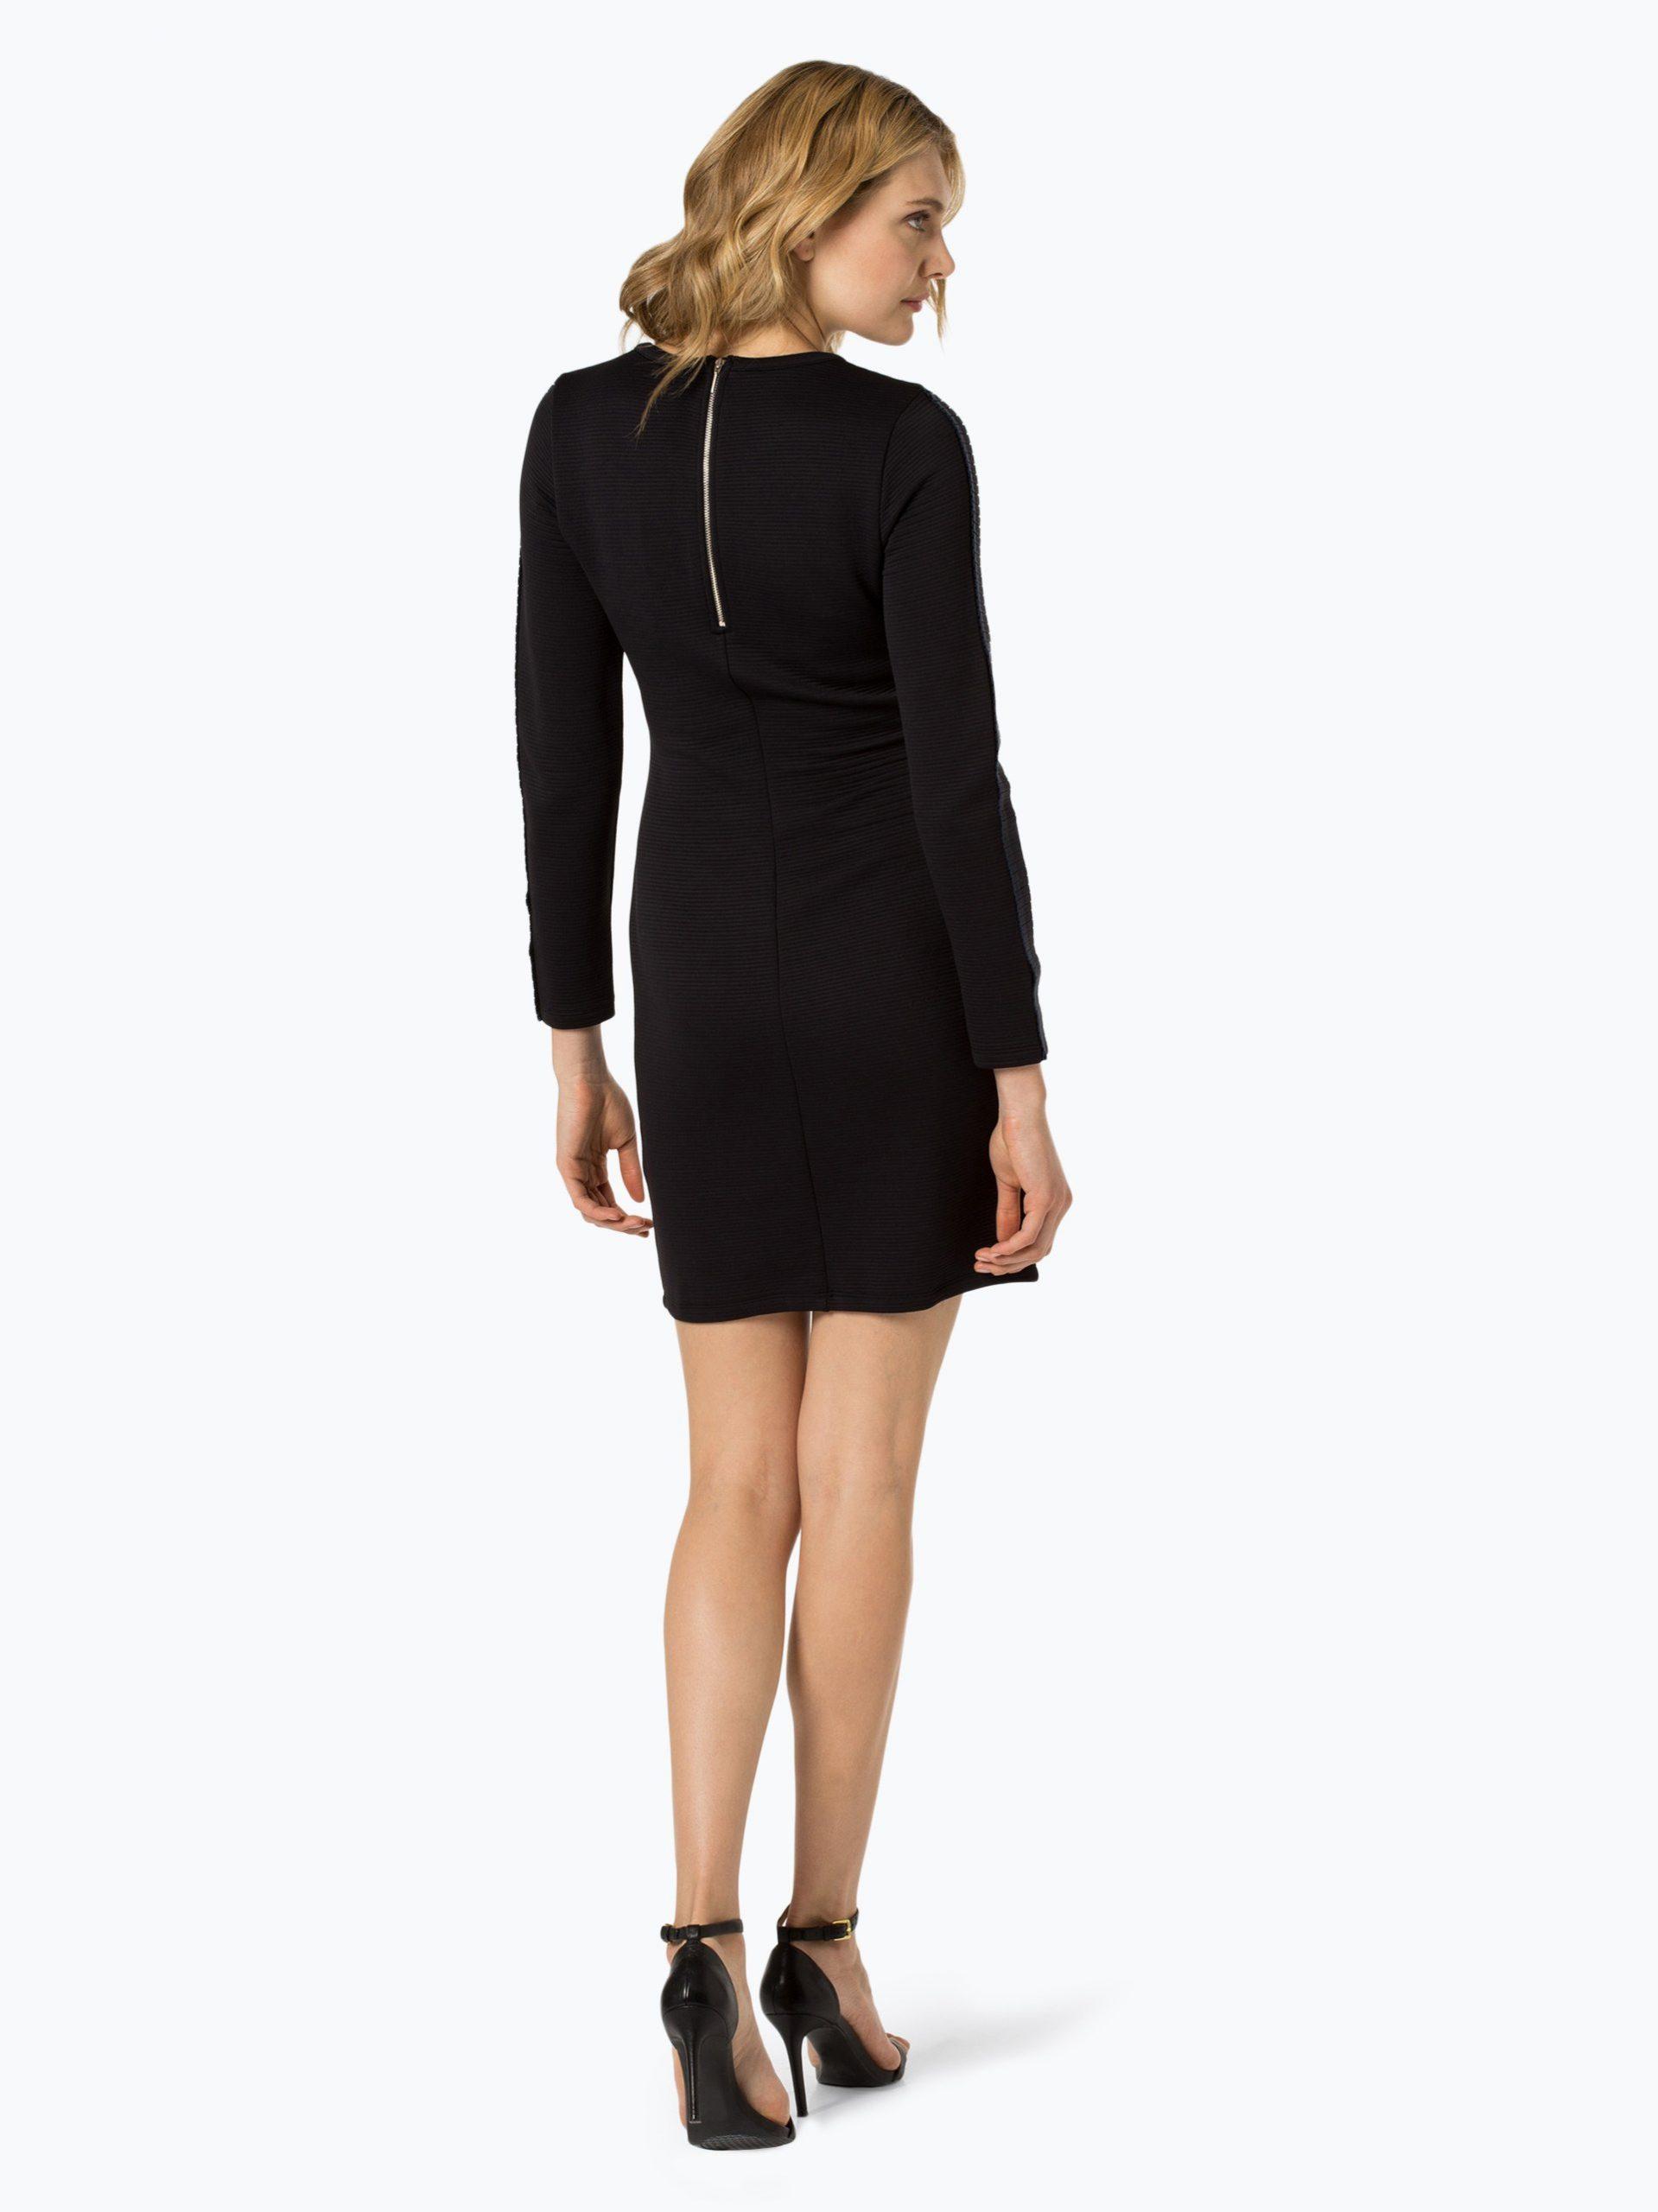 Boss Casual Damen Kleid  Dalilli Online Kaufen  Peekund